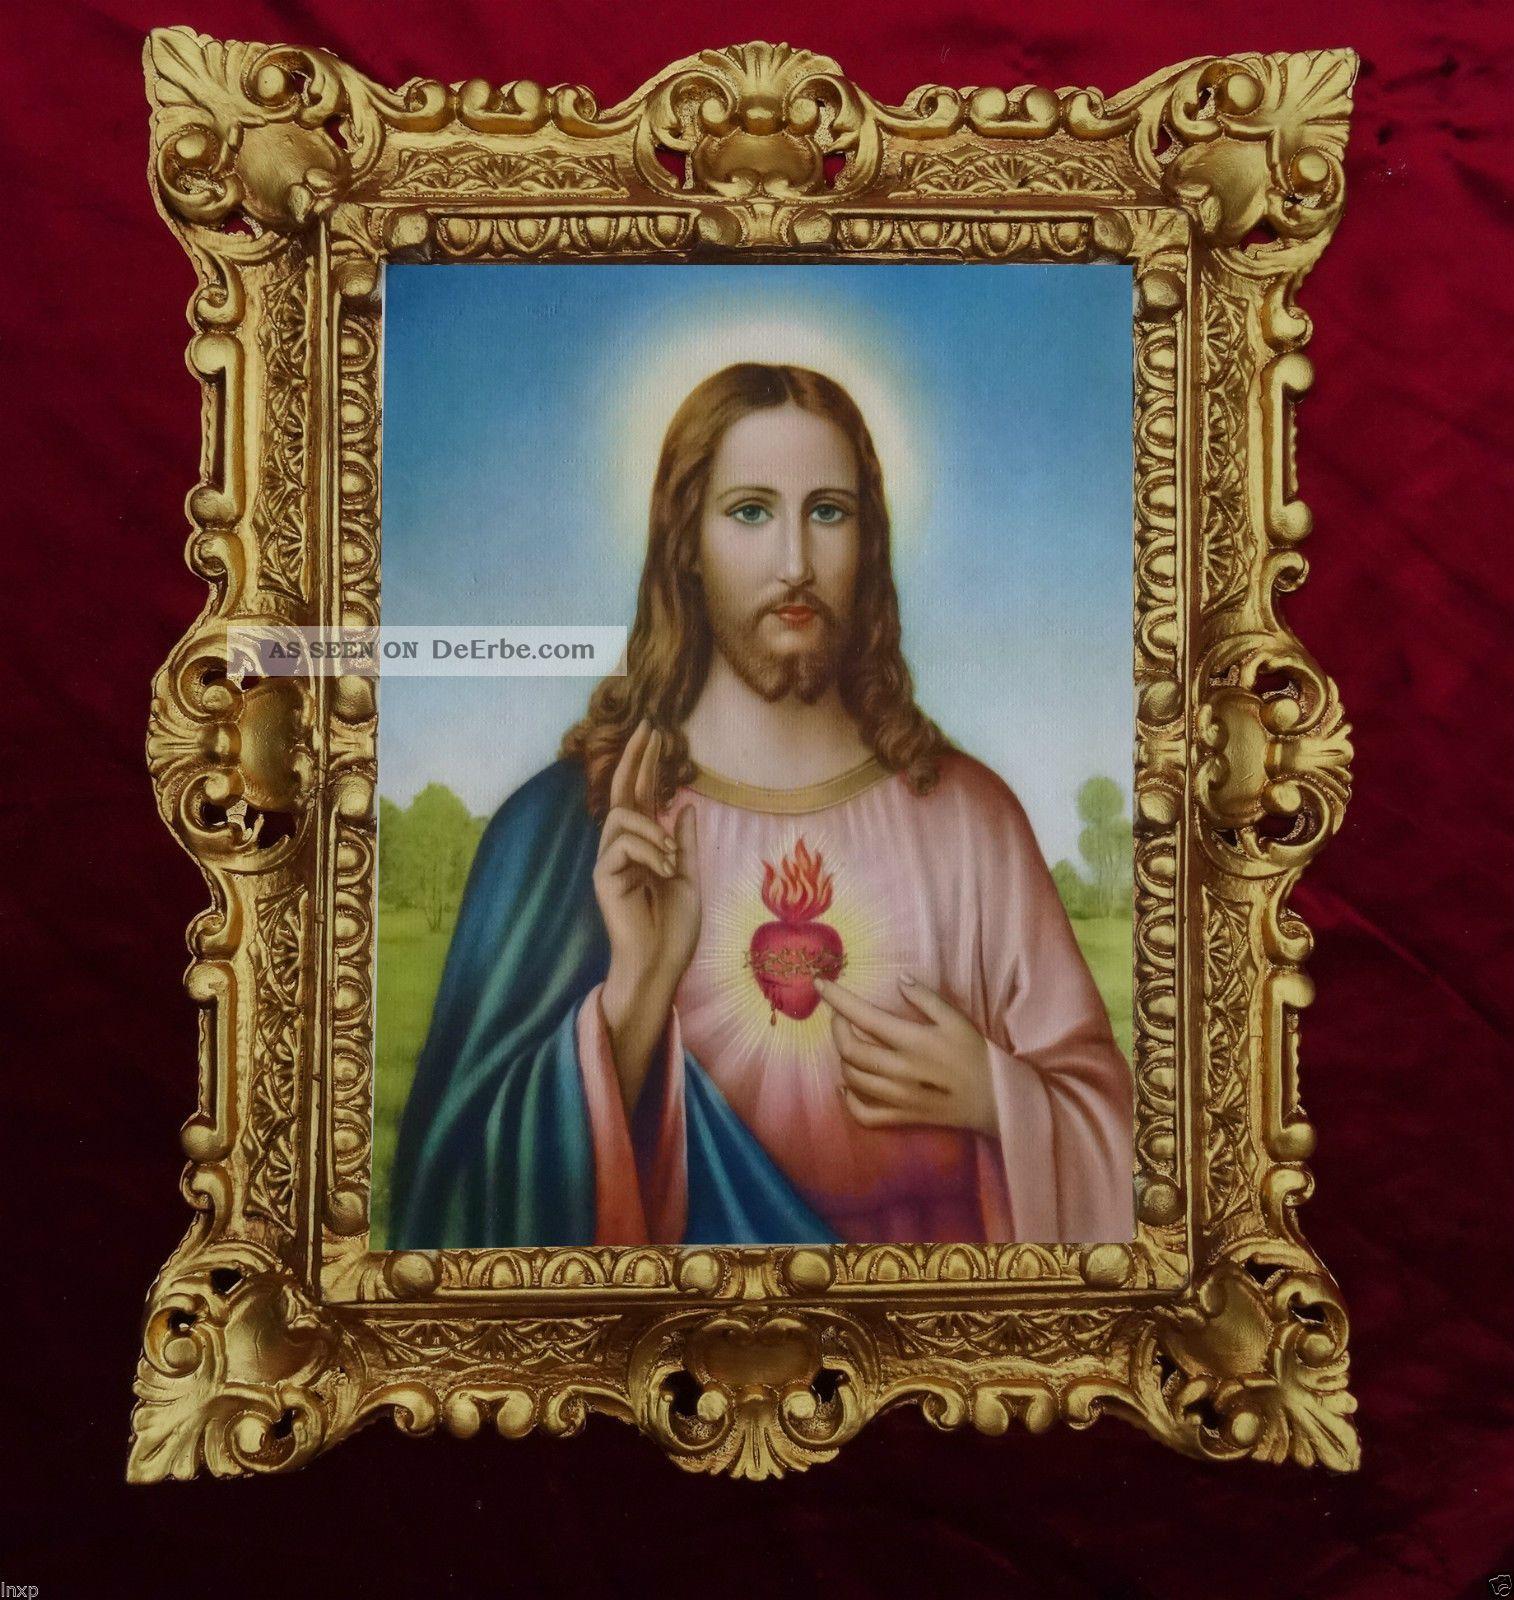 GemÄlde Sacro Cuore Di Gesu Jesus Ikonen Bilder Antik Barock Look 45x38cm 345b Votivbilder & Sakralmalerei Bild